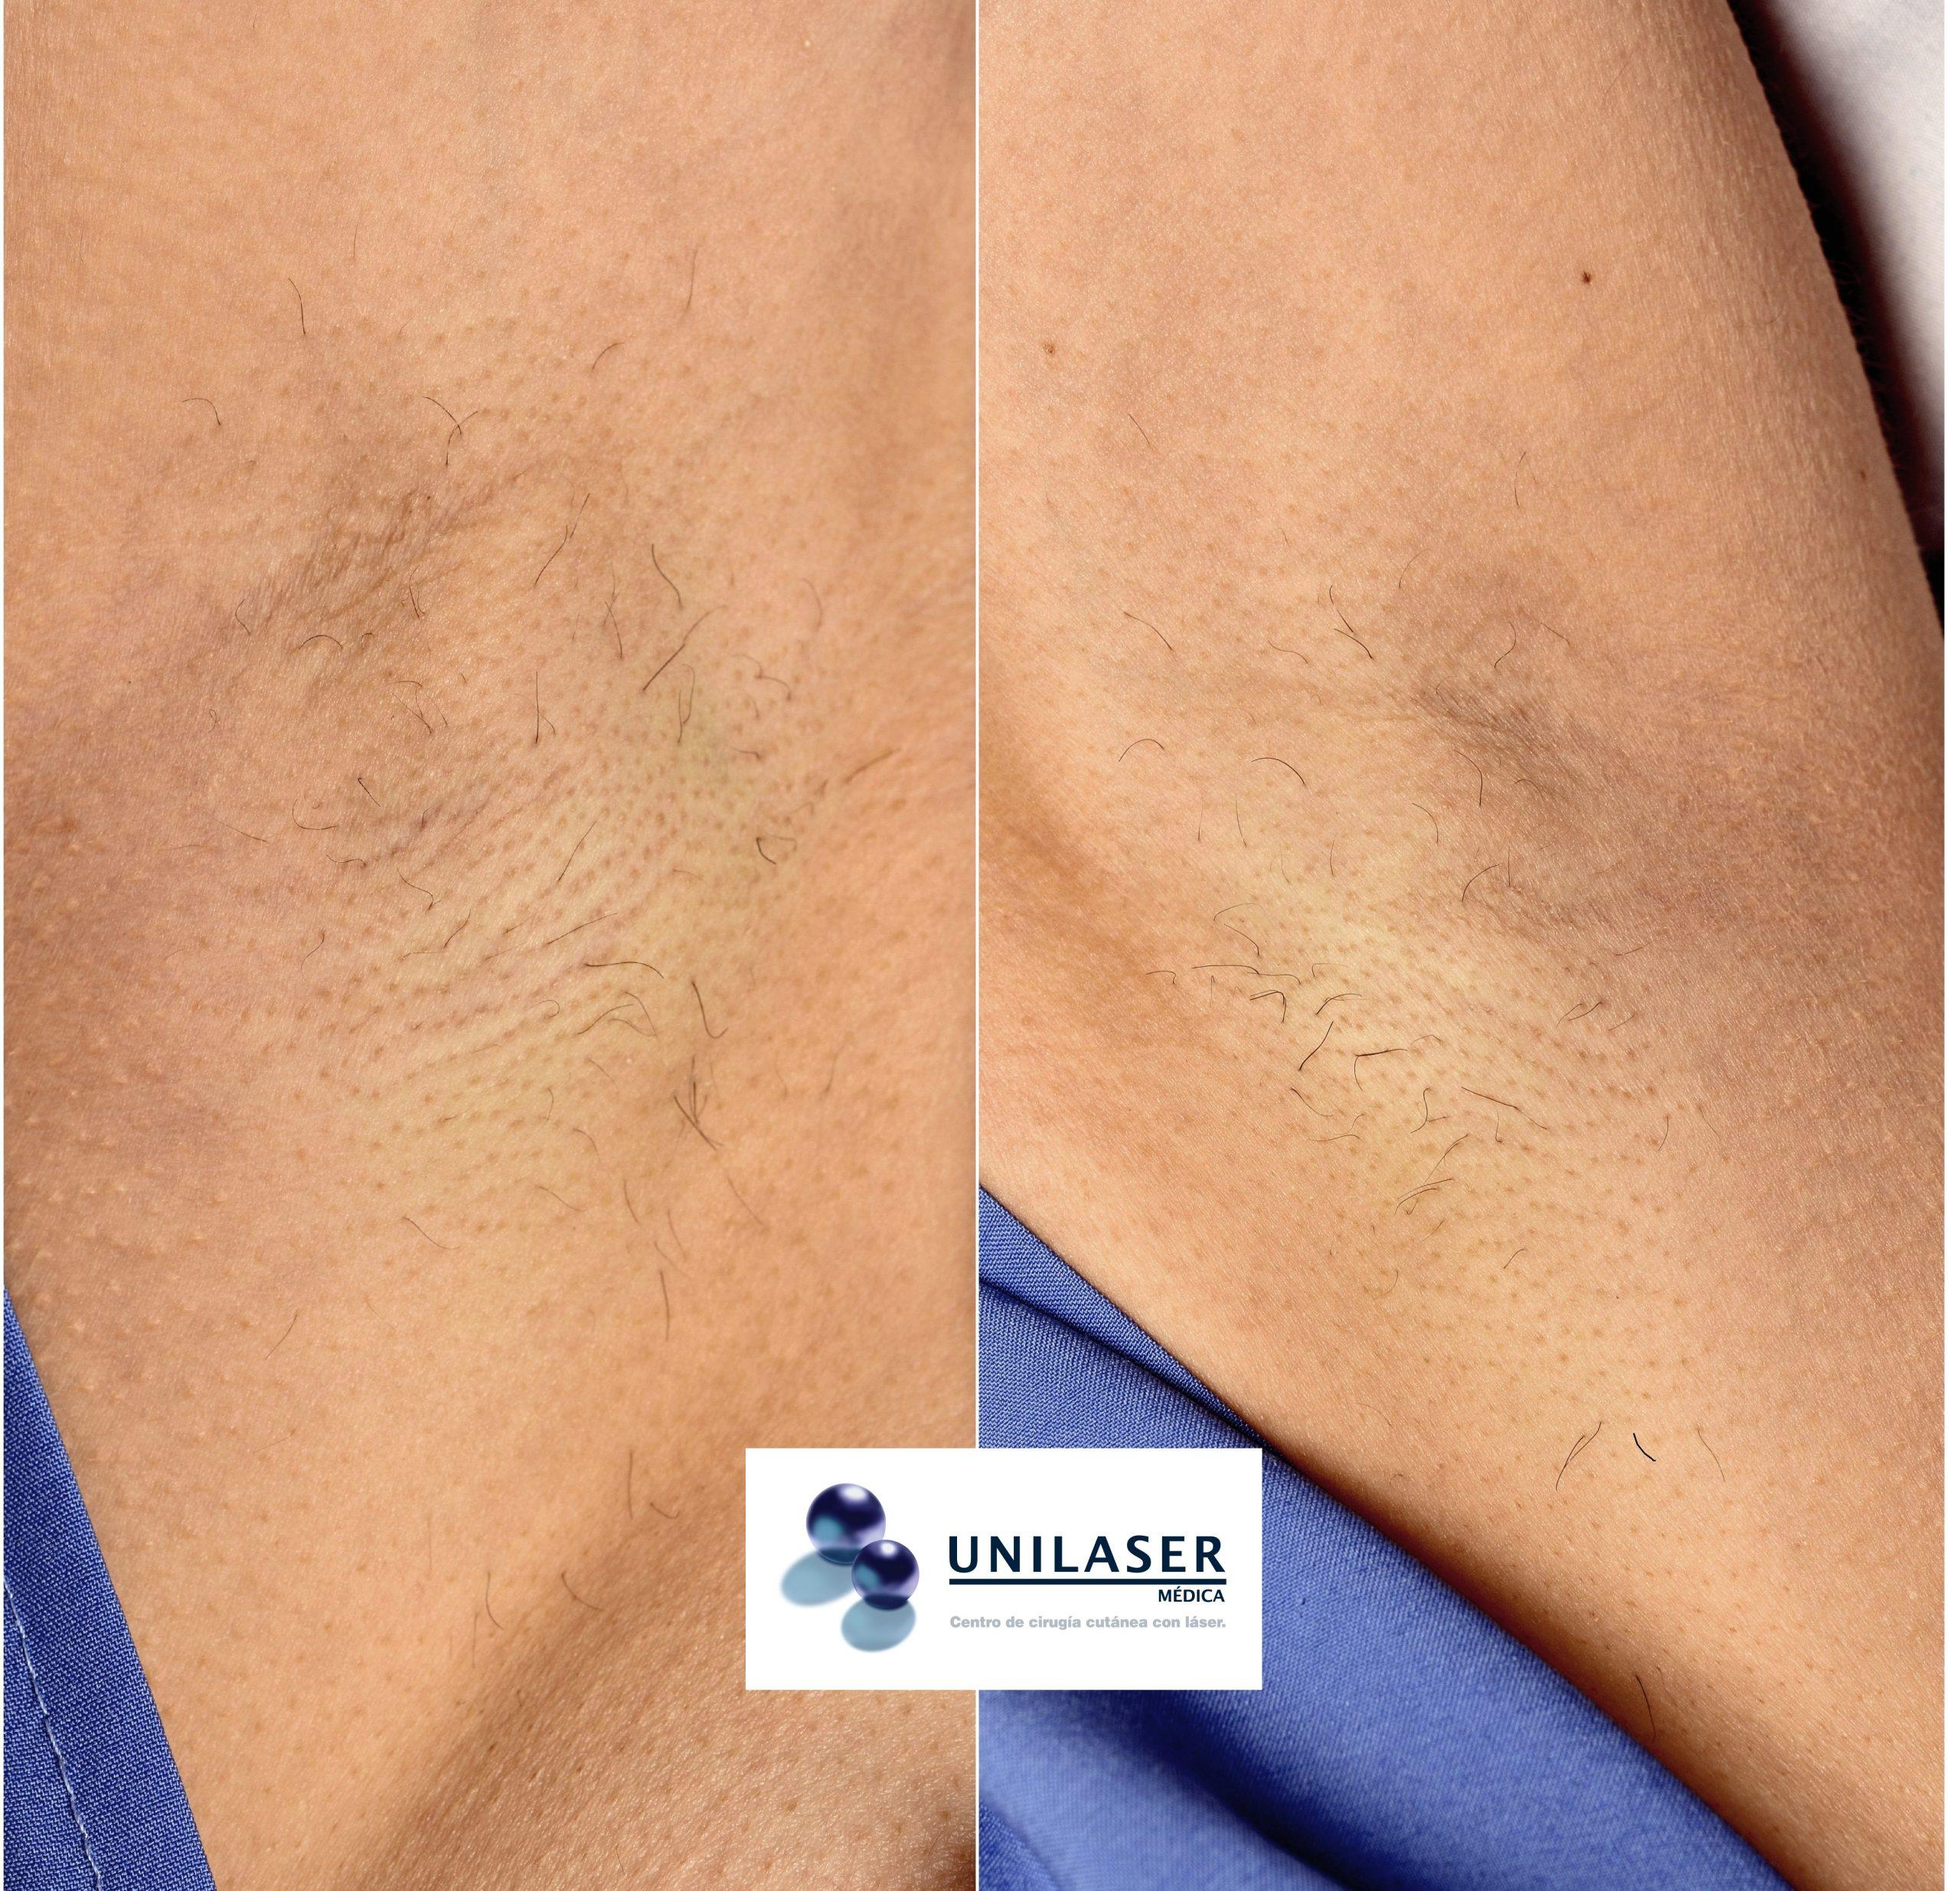 Disminución notoria de pelo denso y grueso con el diodo láser Primelase